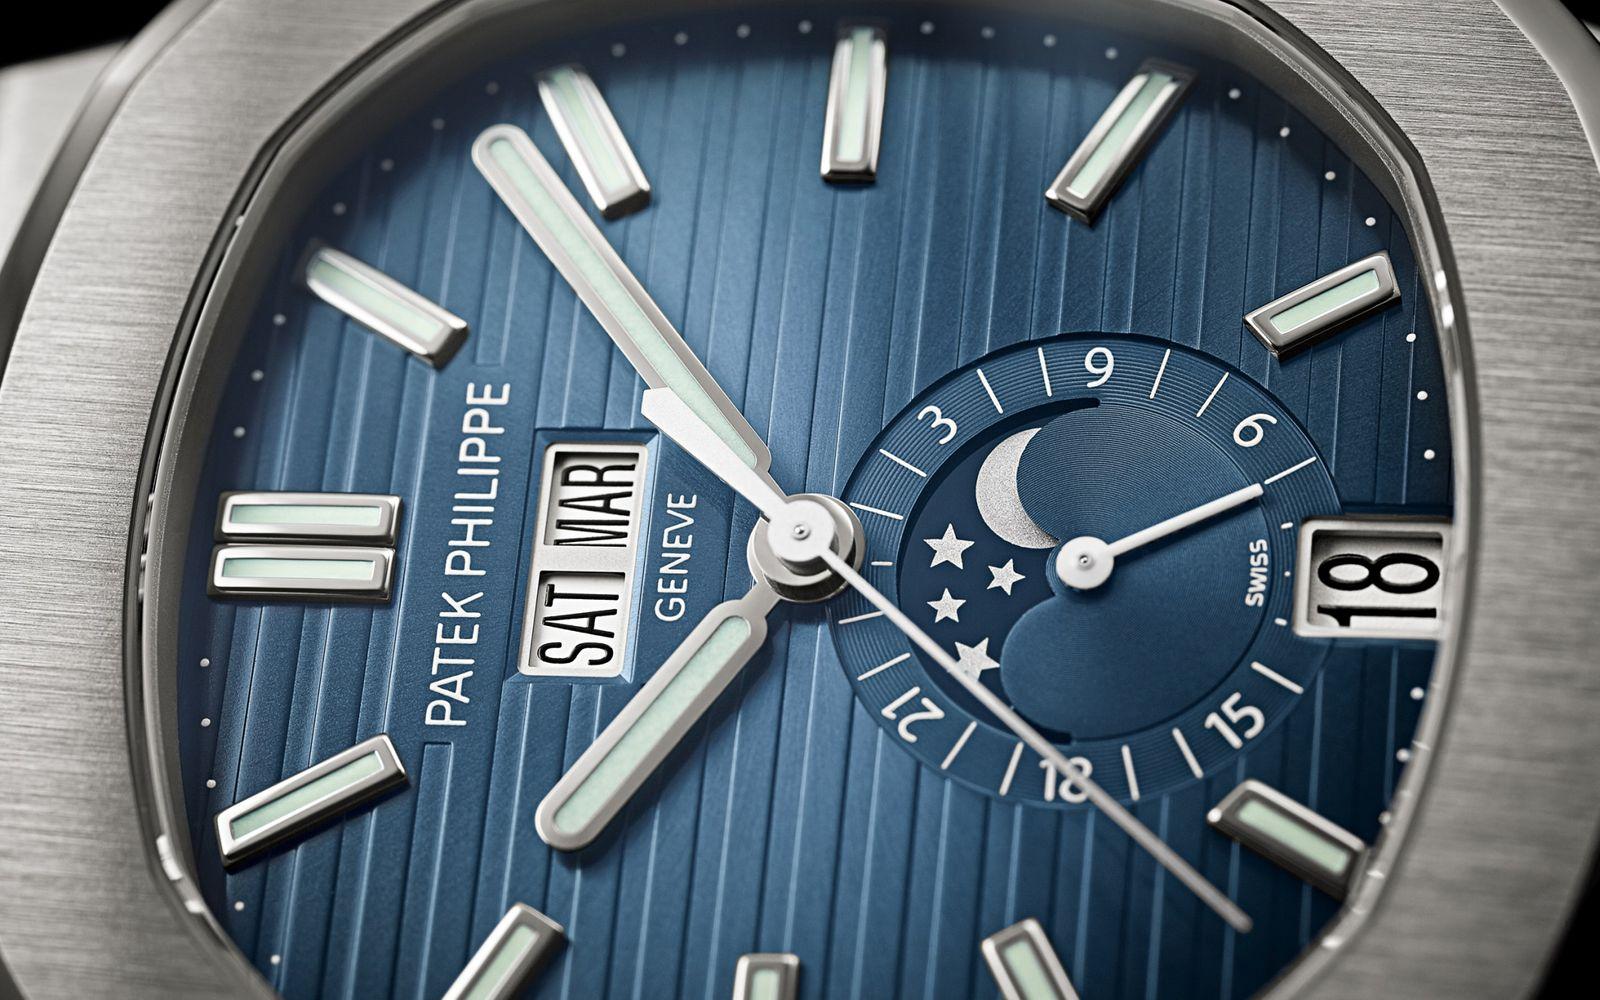 Patek Philippe Nautilus Ref 5726-1A Dial close up